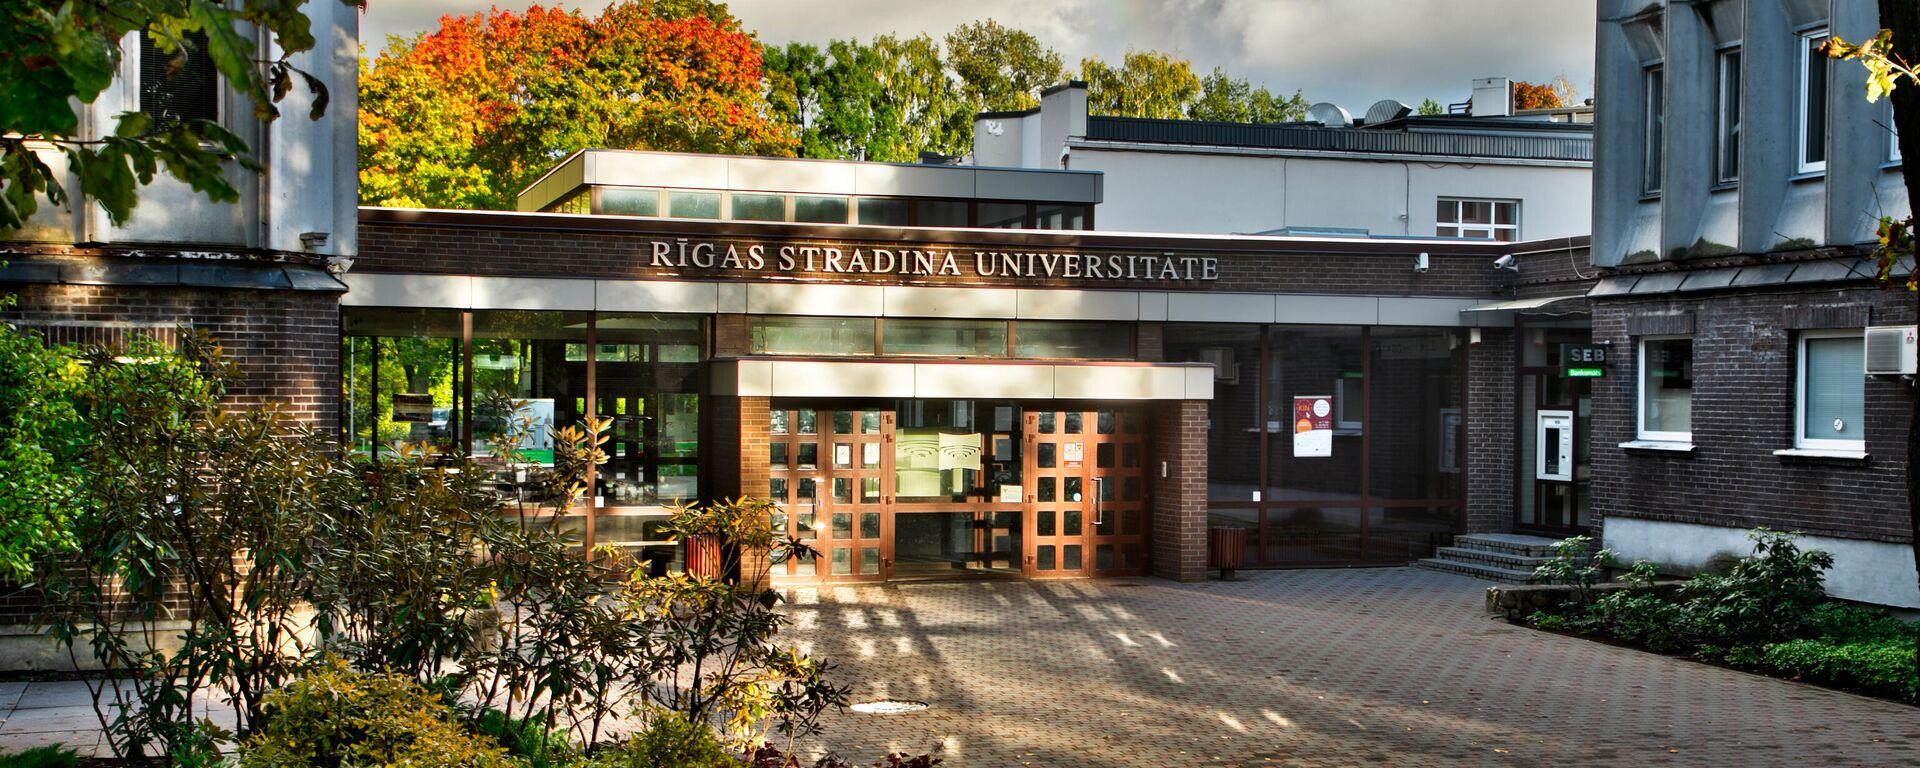 Рижский университет имени Страдыня - Sputnik Латвия, 1920, 23.09.2021